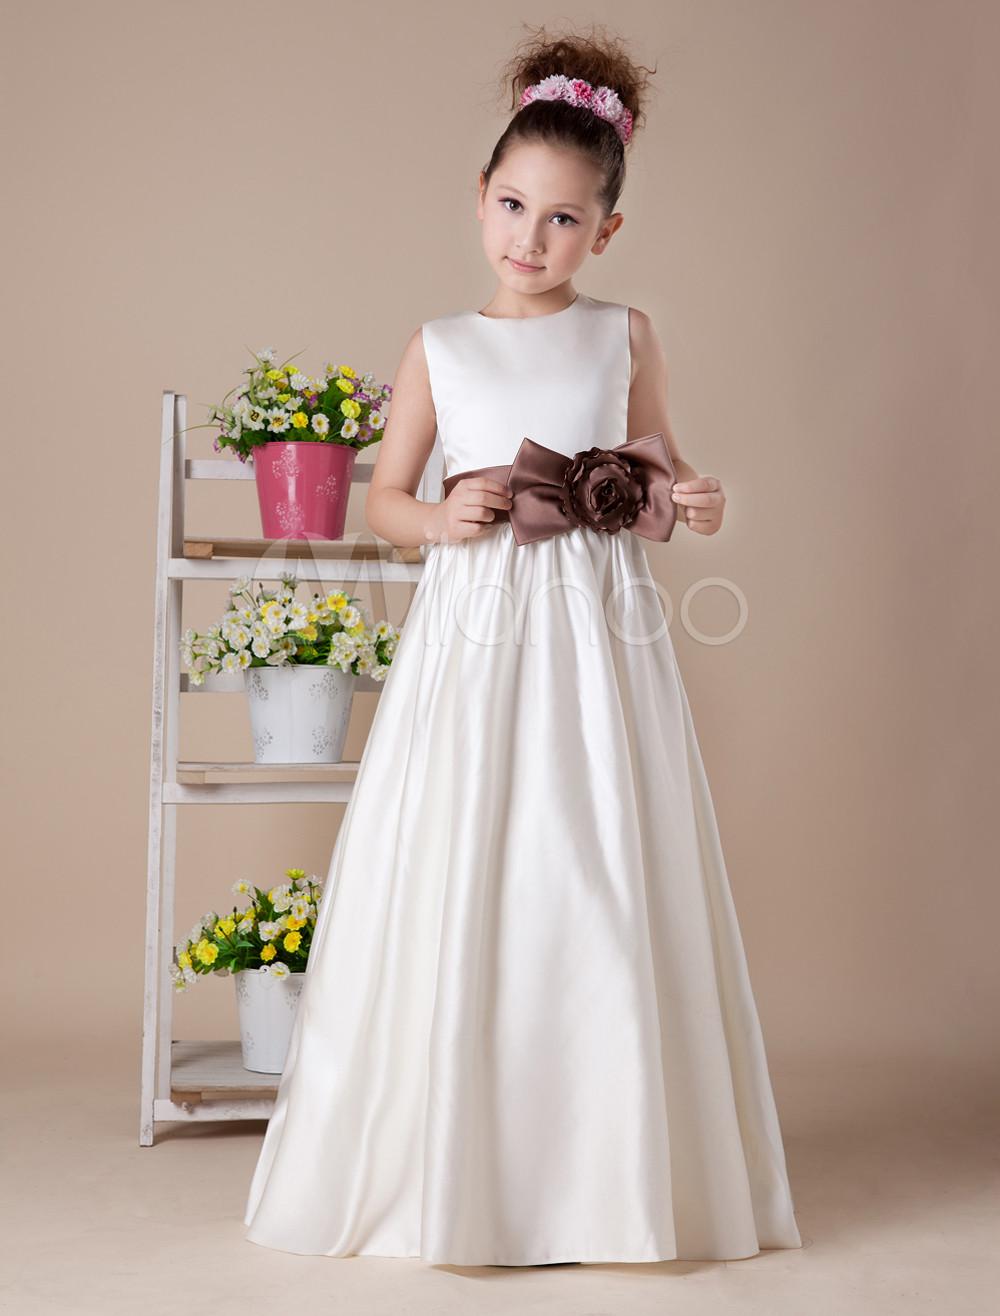 White Sleeveless Bow Sash Satin Flower Girl Dress